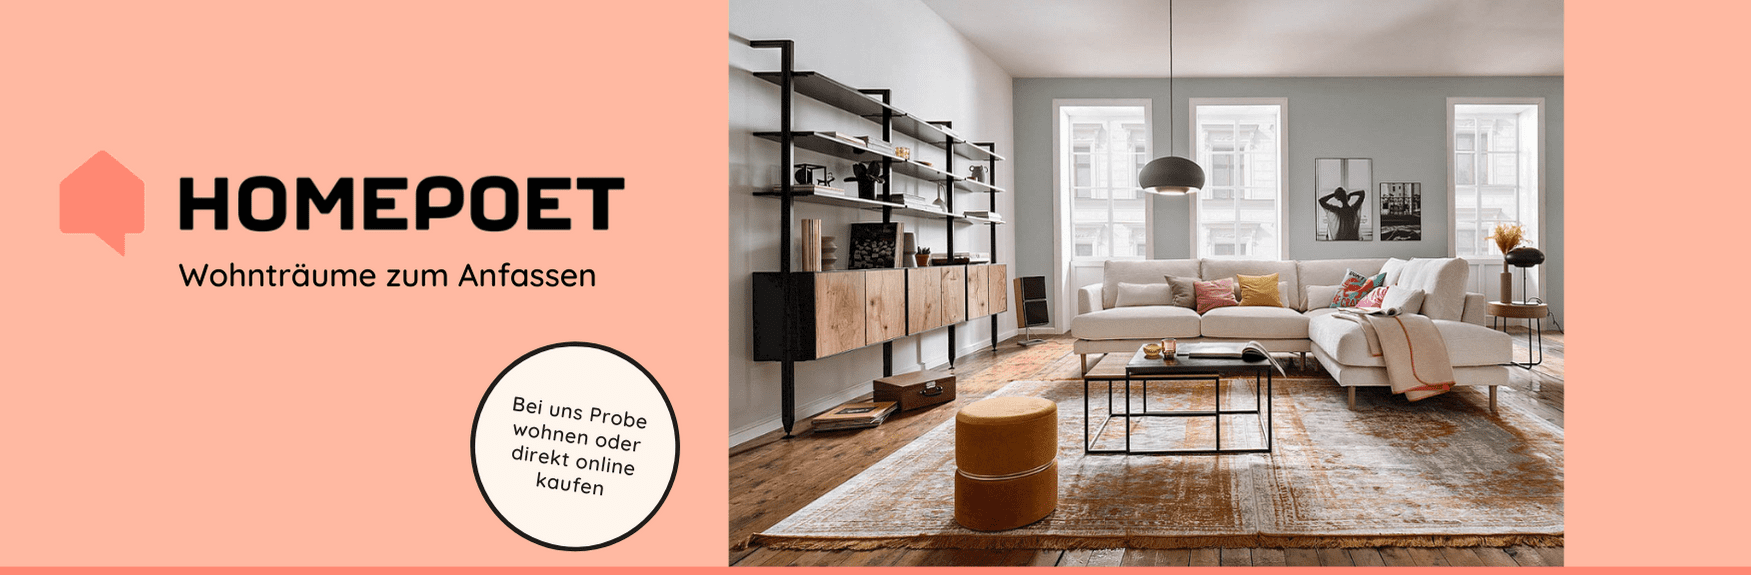 Homepoet Kuboth Möbel bestellen